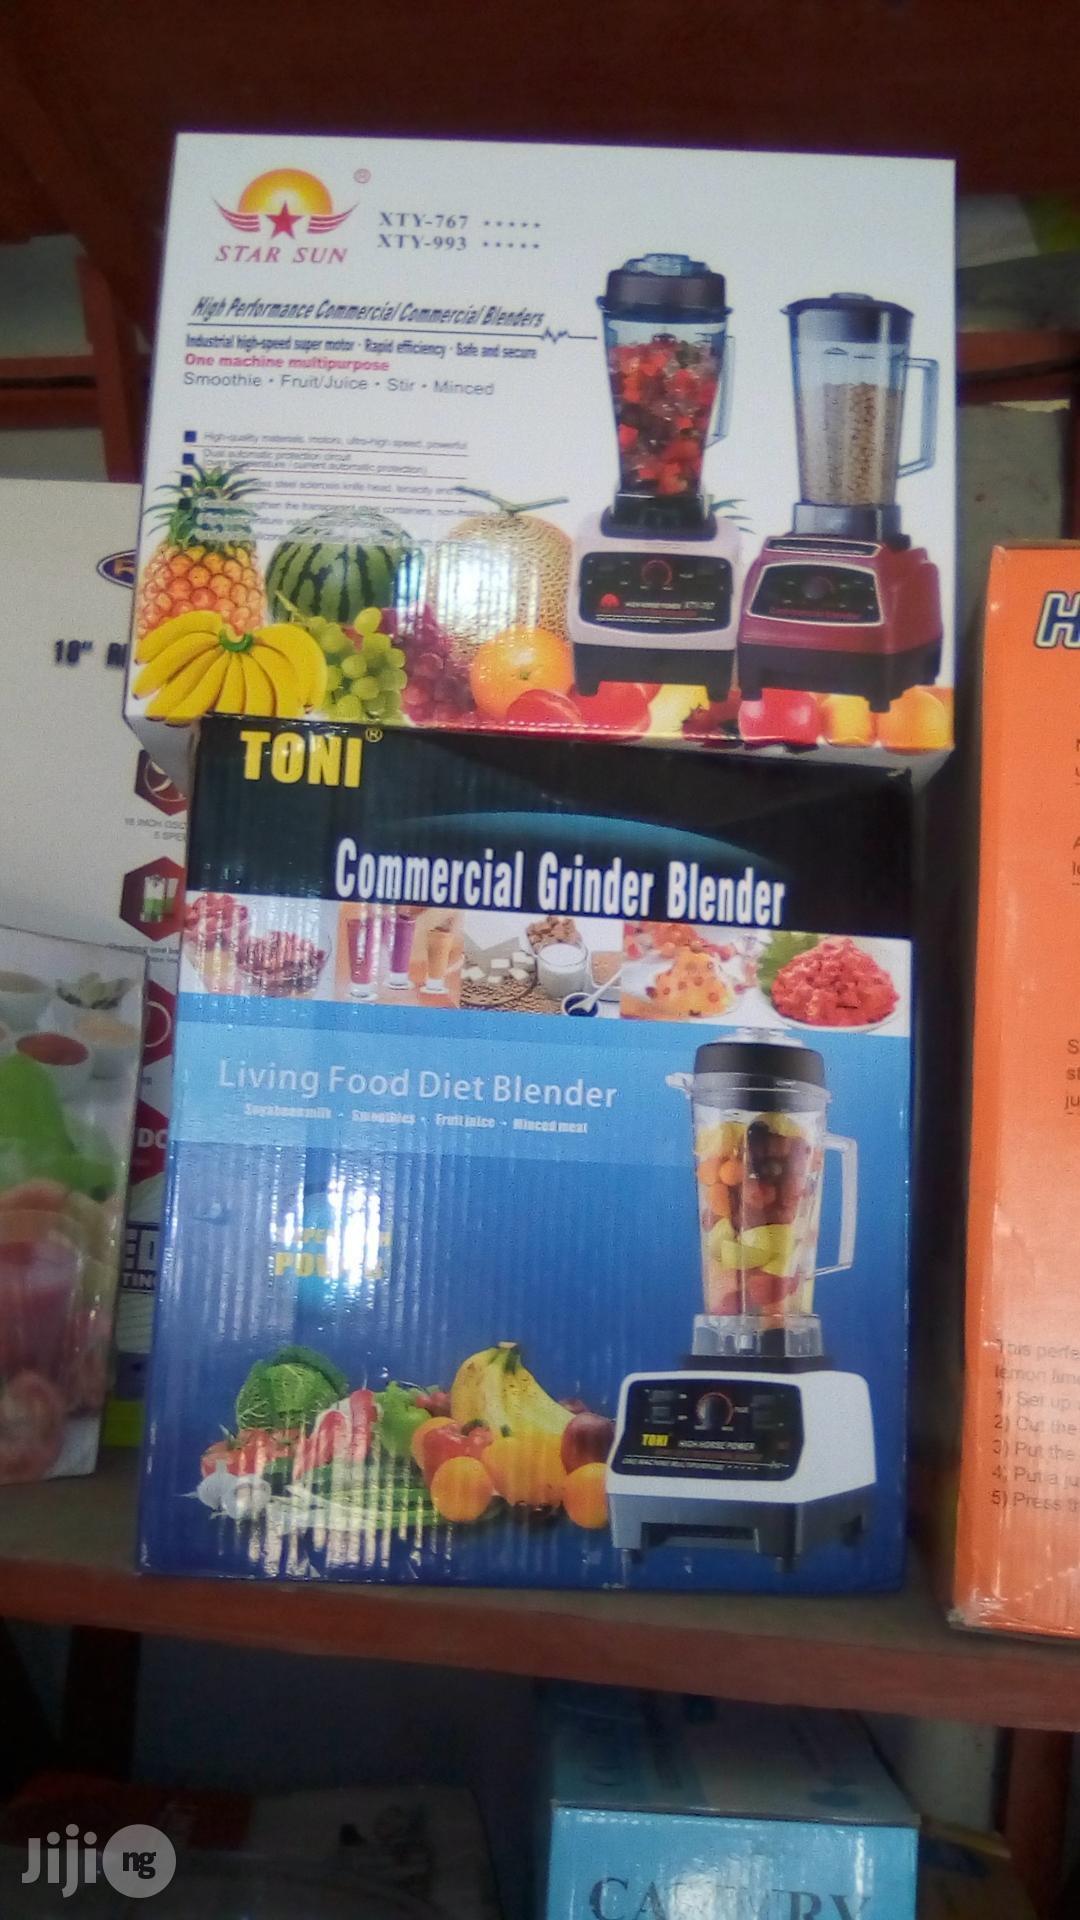 Commercial Grinder Blender